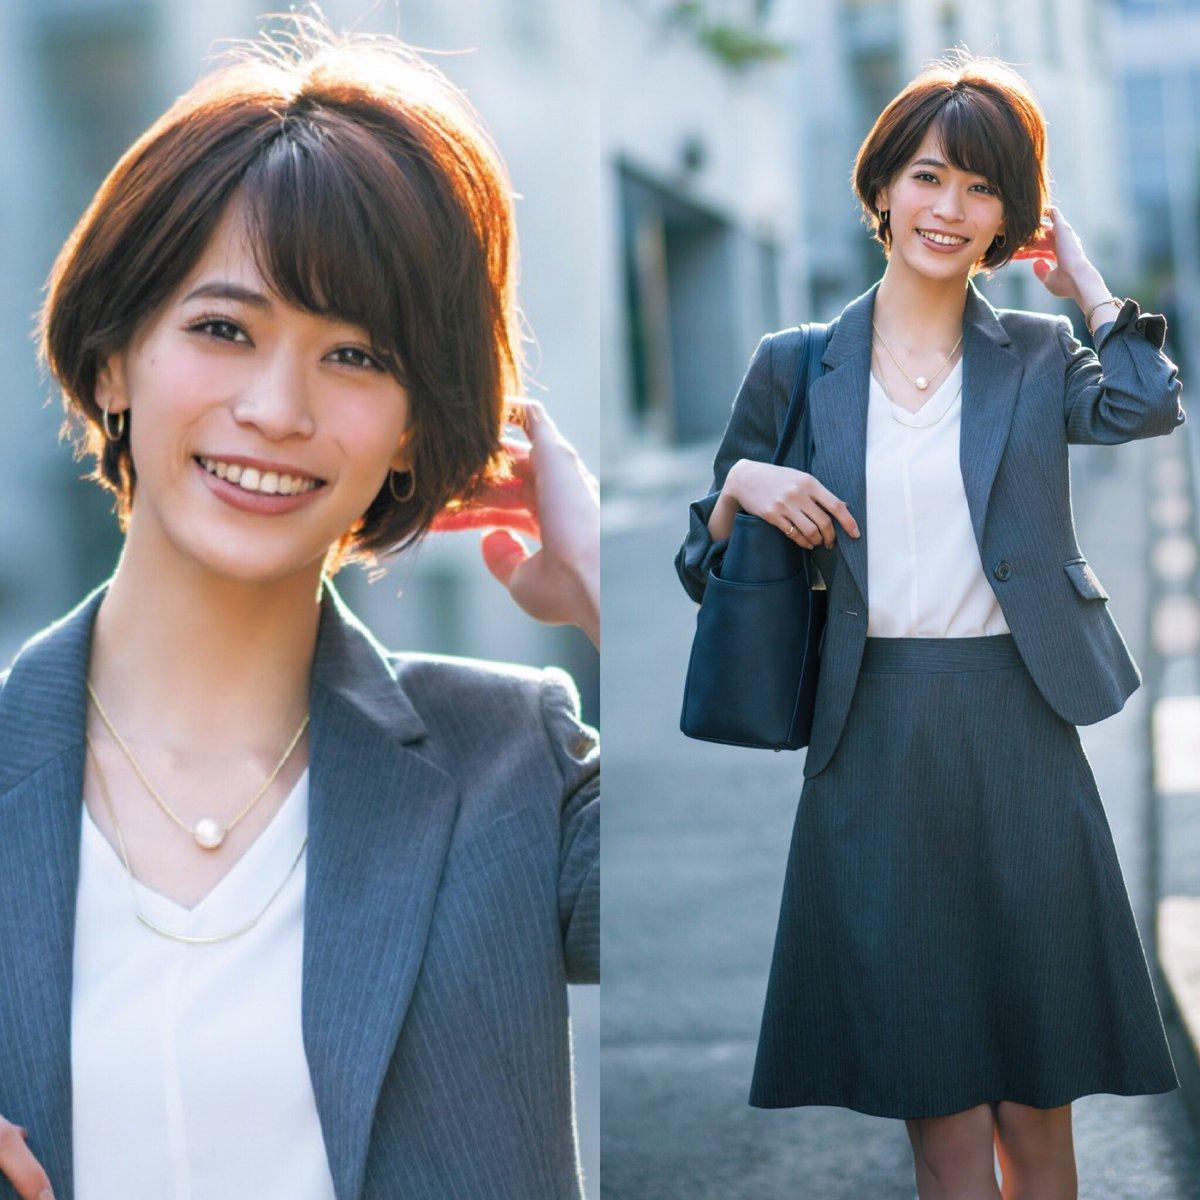 スーツを着た坂田梨香子